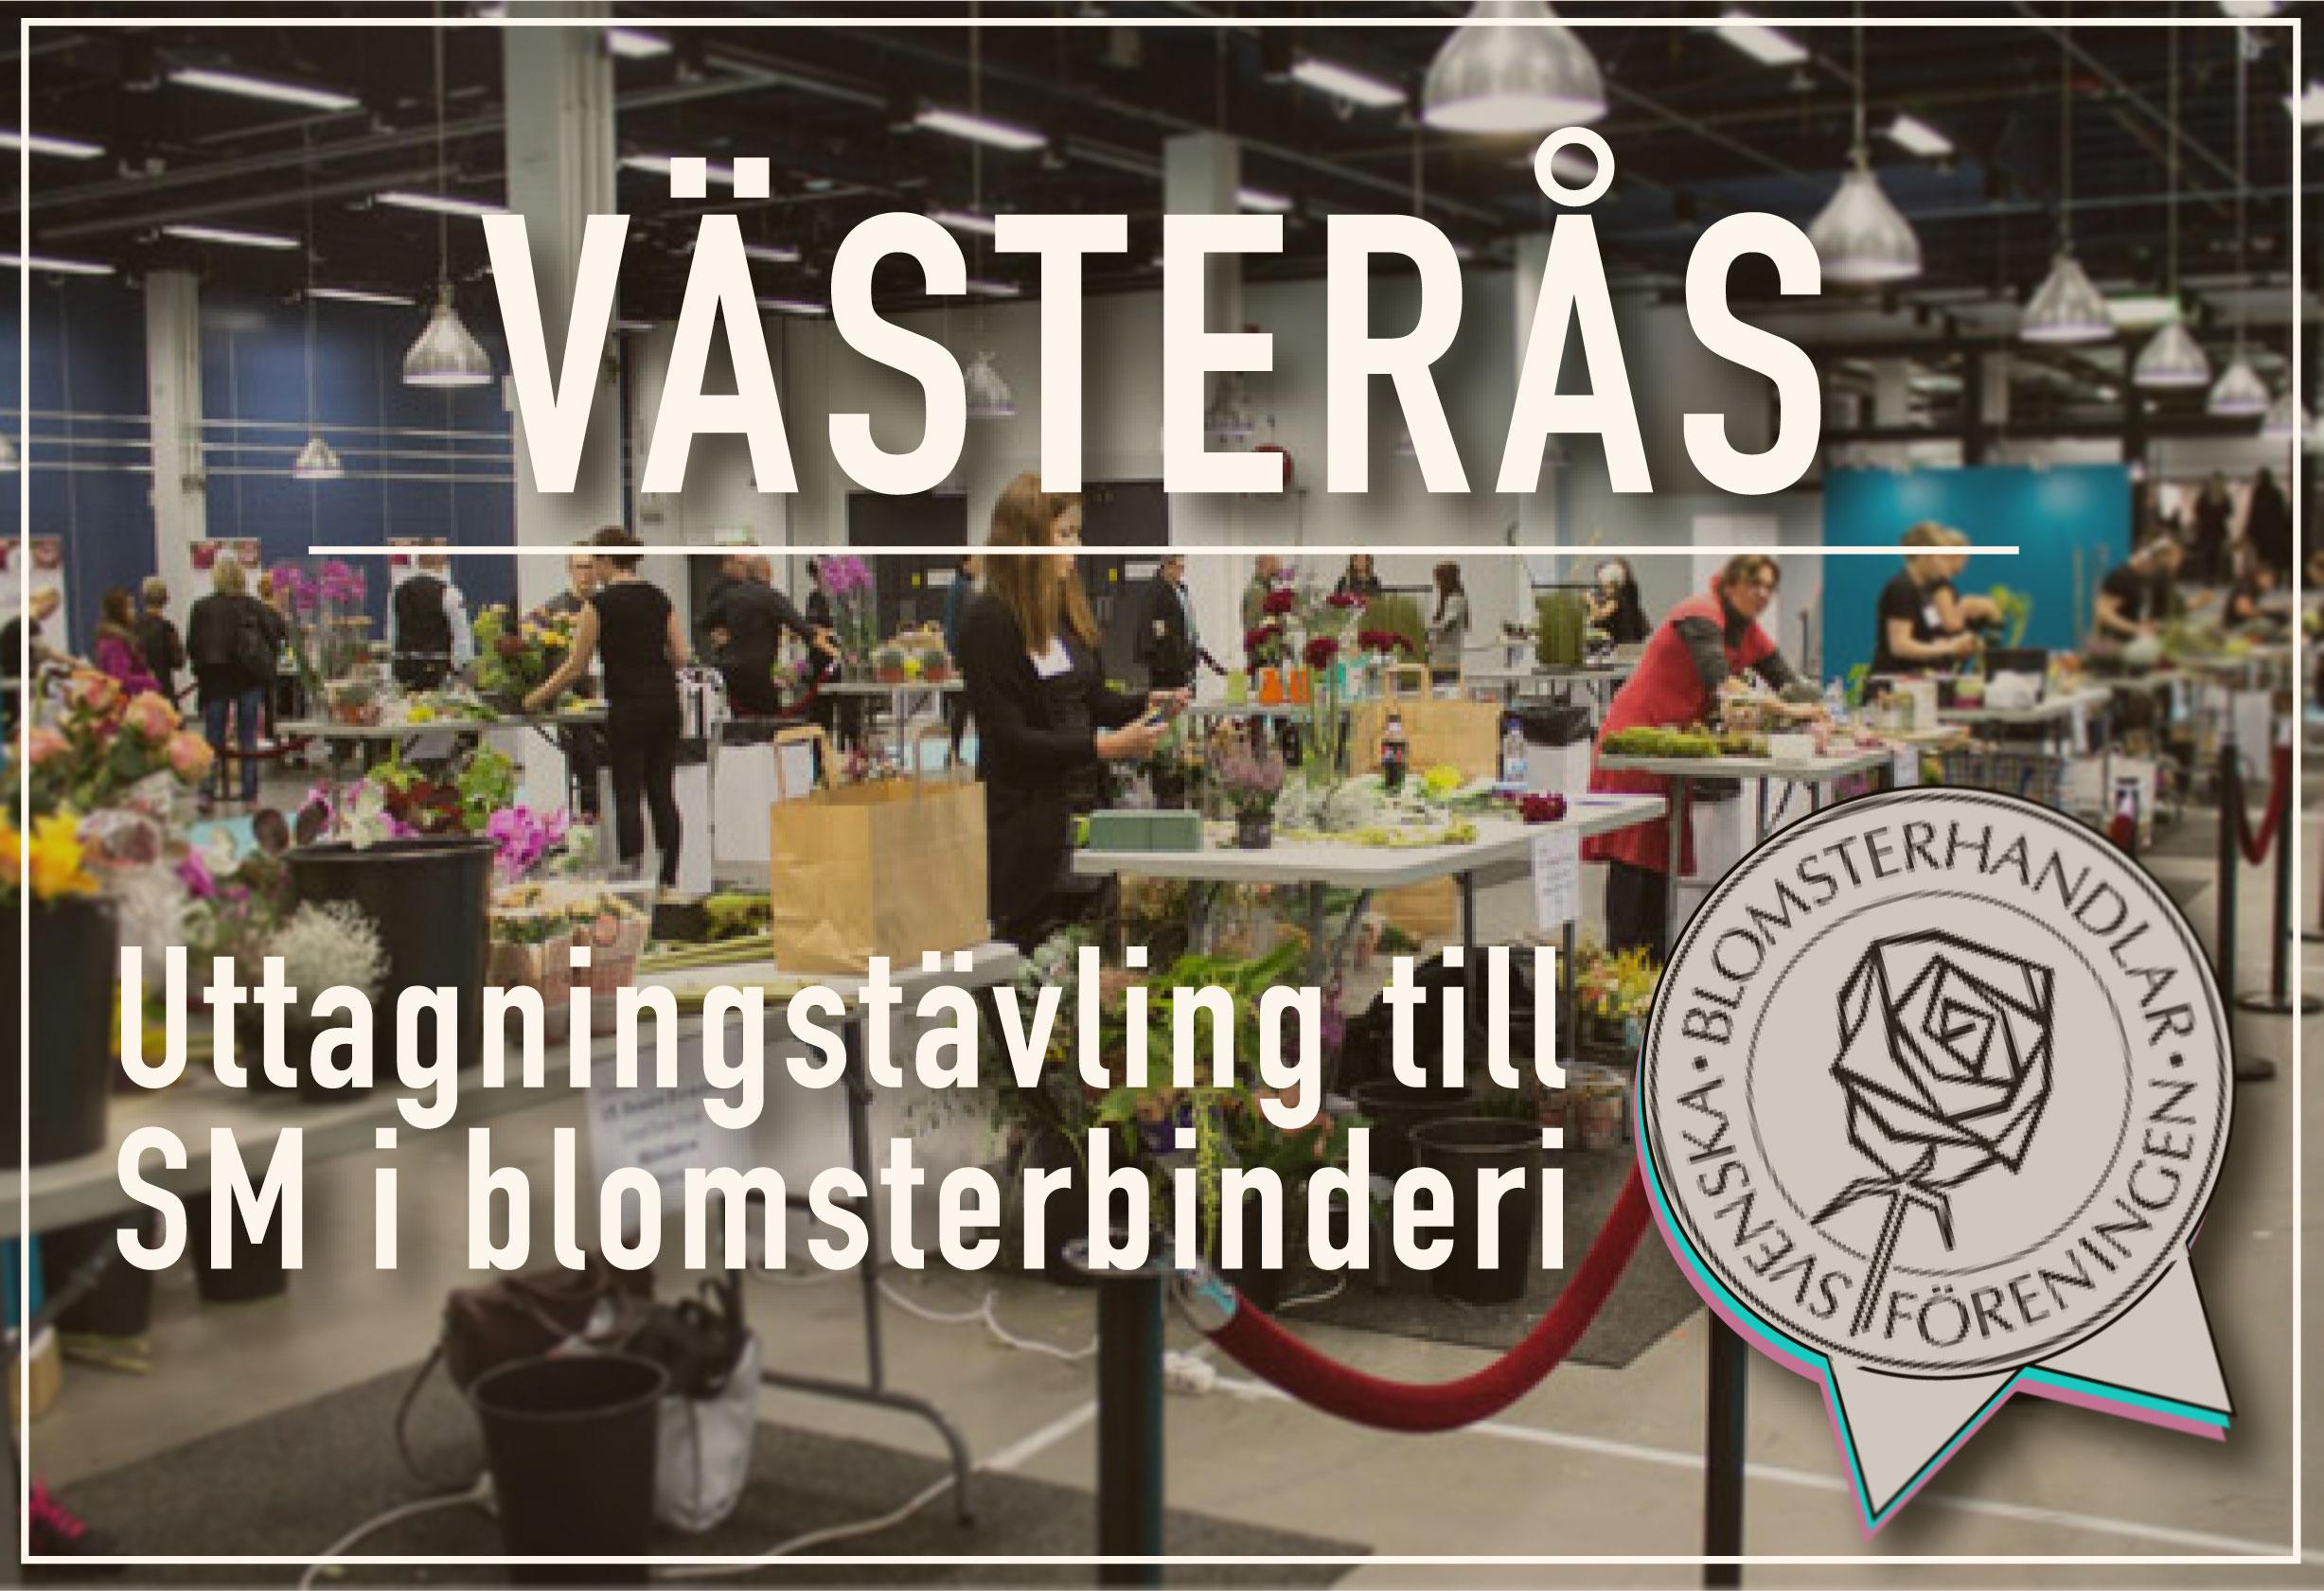 Uttagningstävlig för SM i Blomsterbinderi, Västerås – 9 September